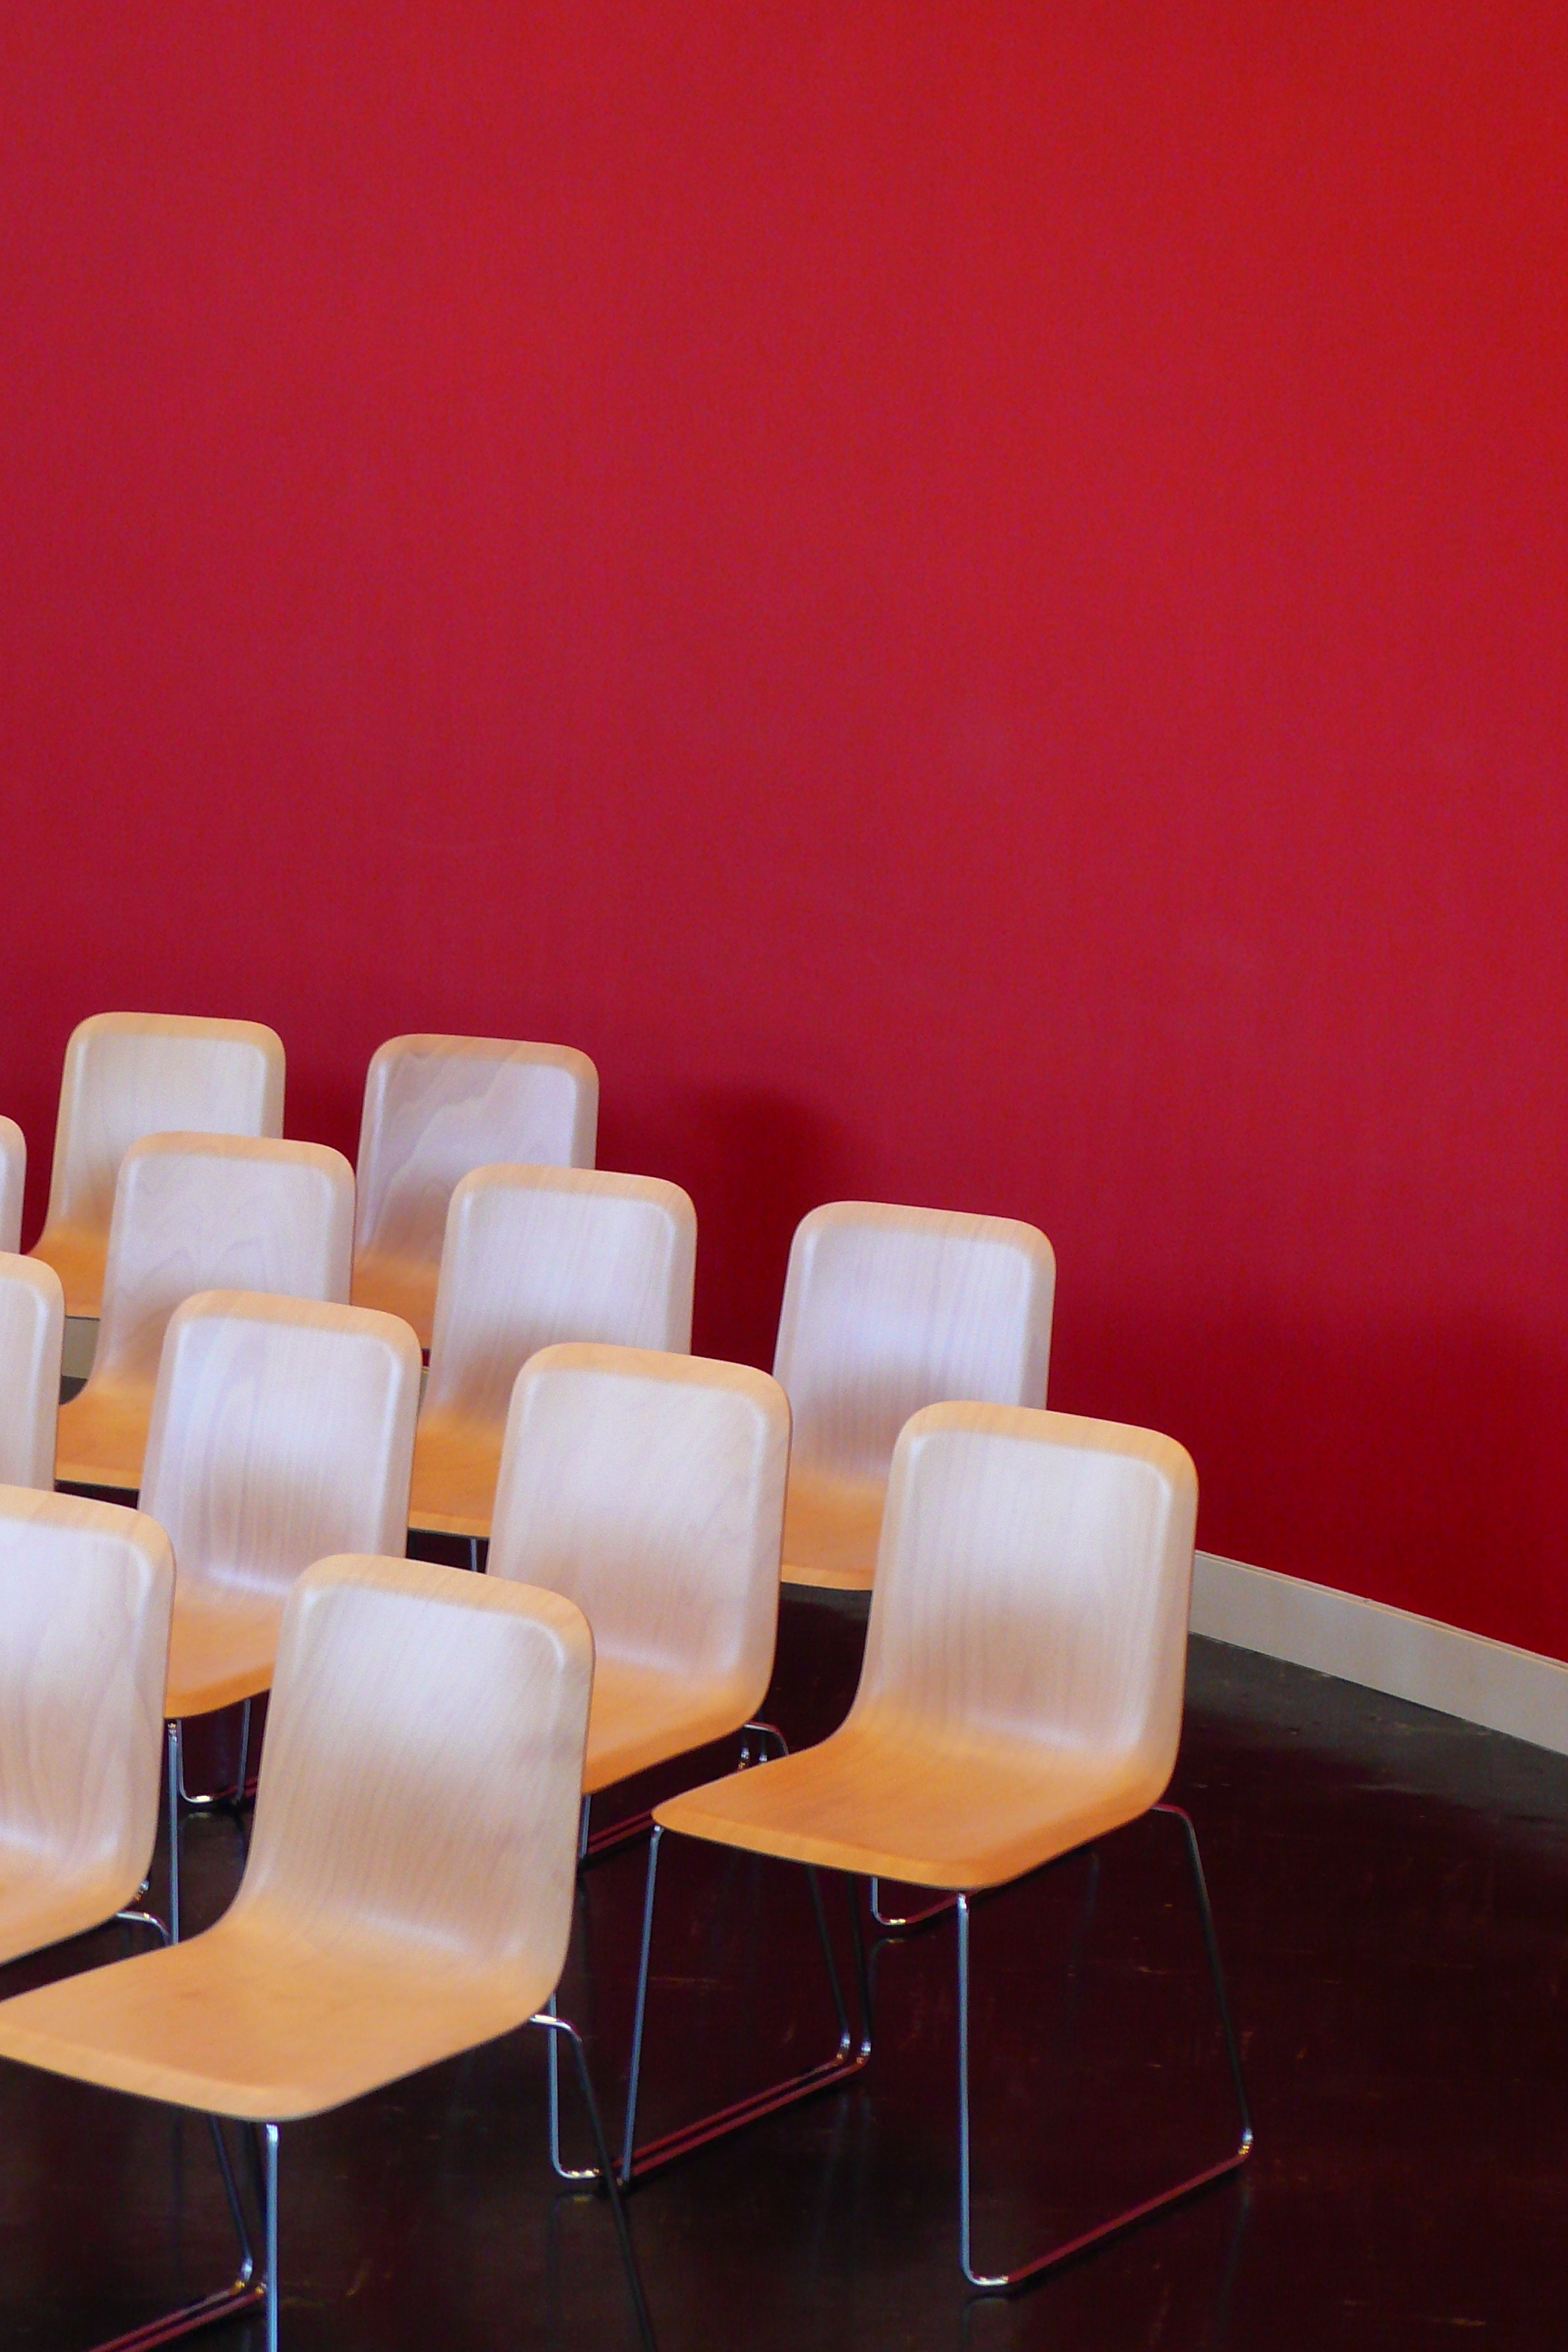 stoelen en rode muur